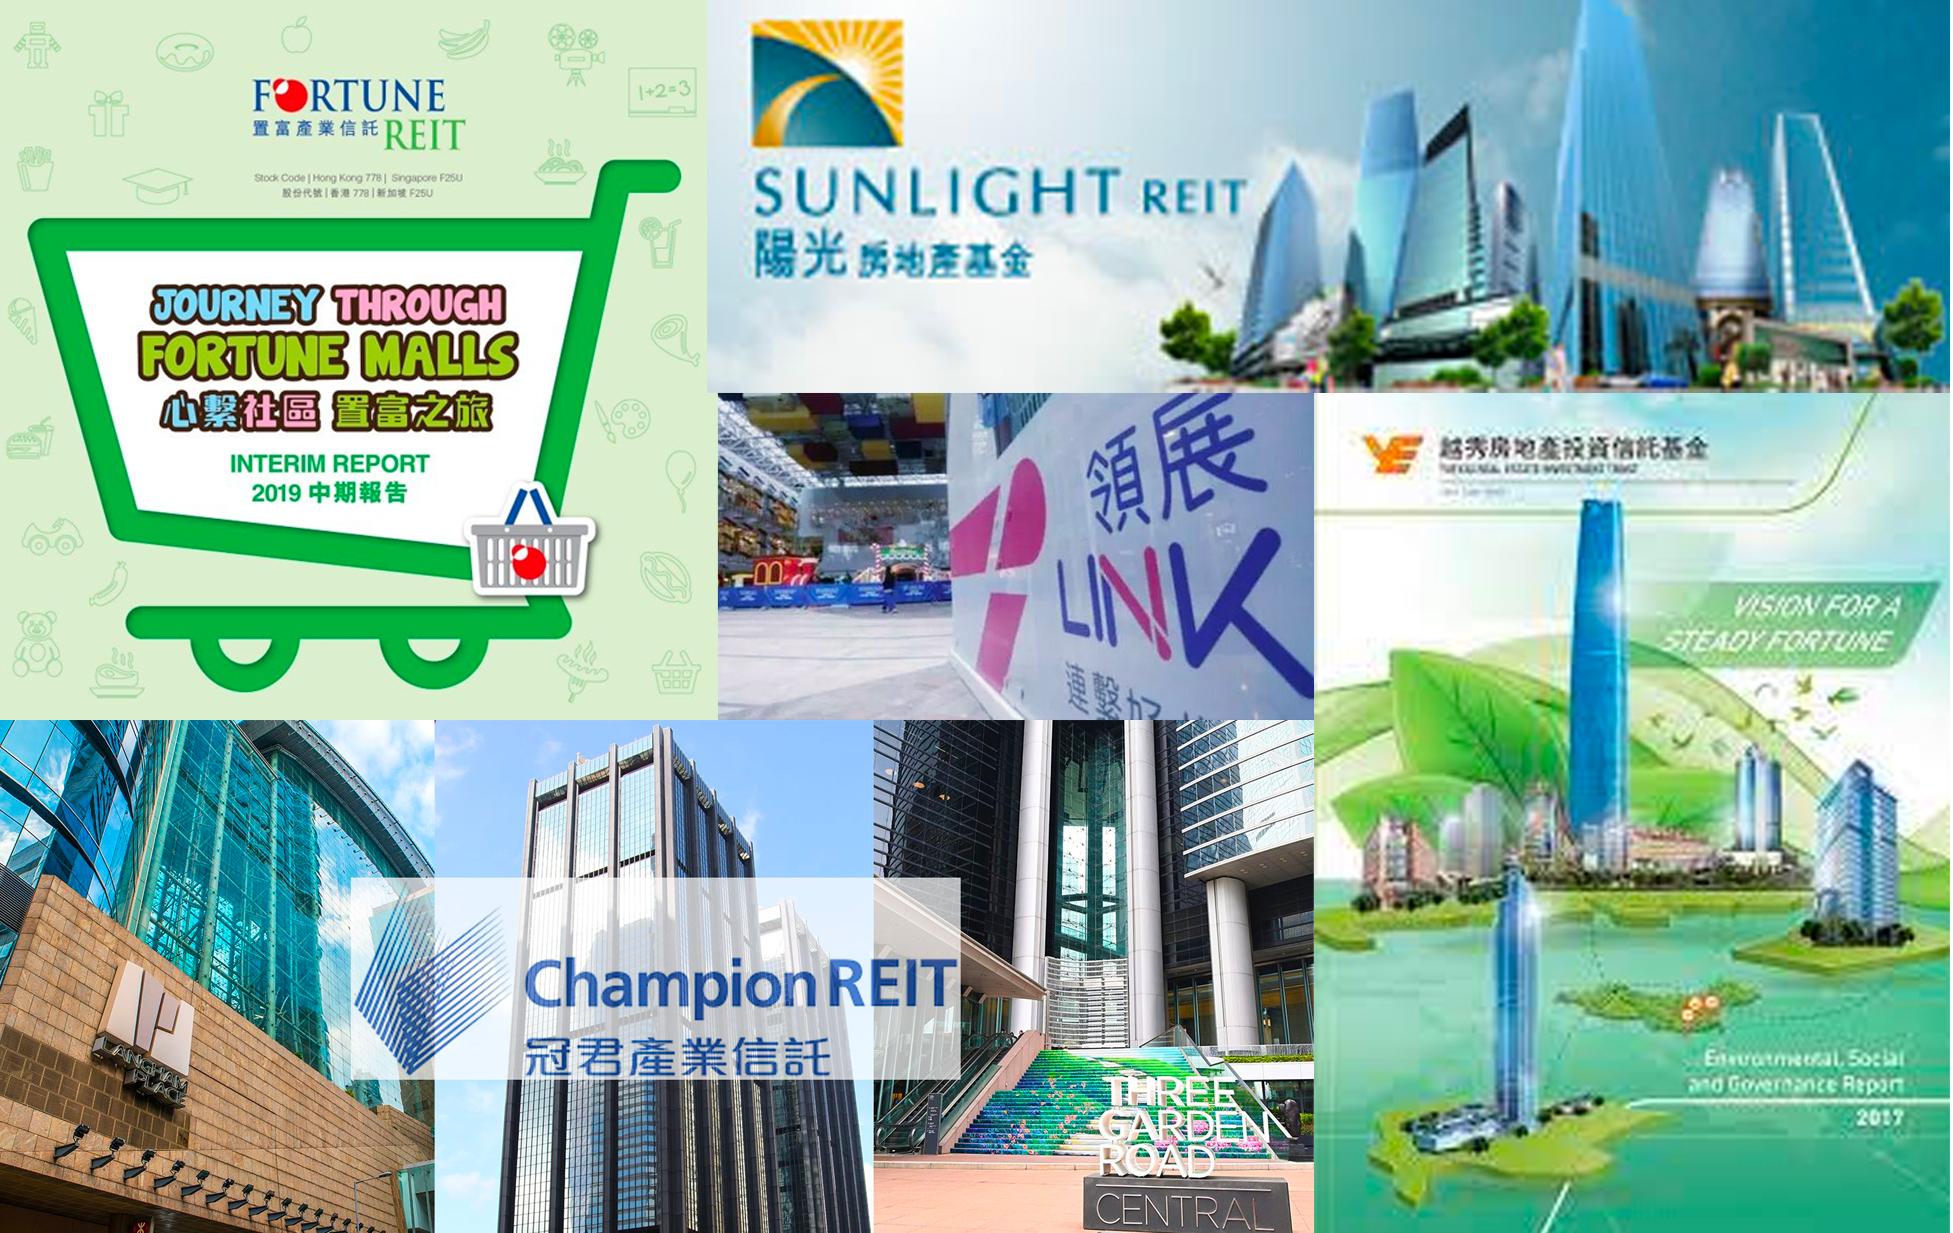 摘要:分享買入香港房地產投資信託基金—領展房地產投資信託基金(823)、置富產業信託(778)、冠君產業信託(2778)、越秀房產信託基金(405)及陽光房地產基金(435)的原因。